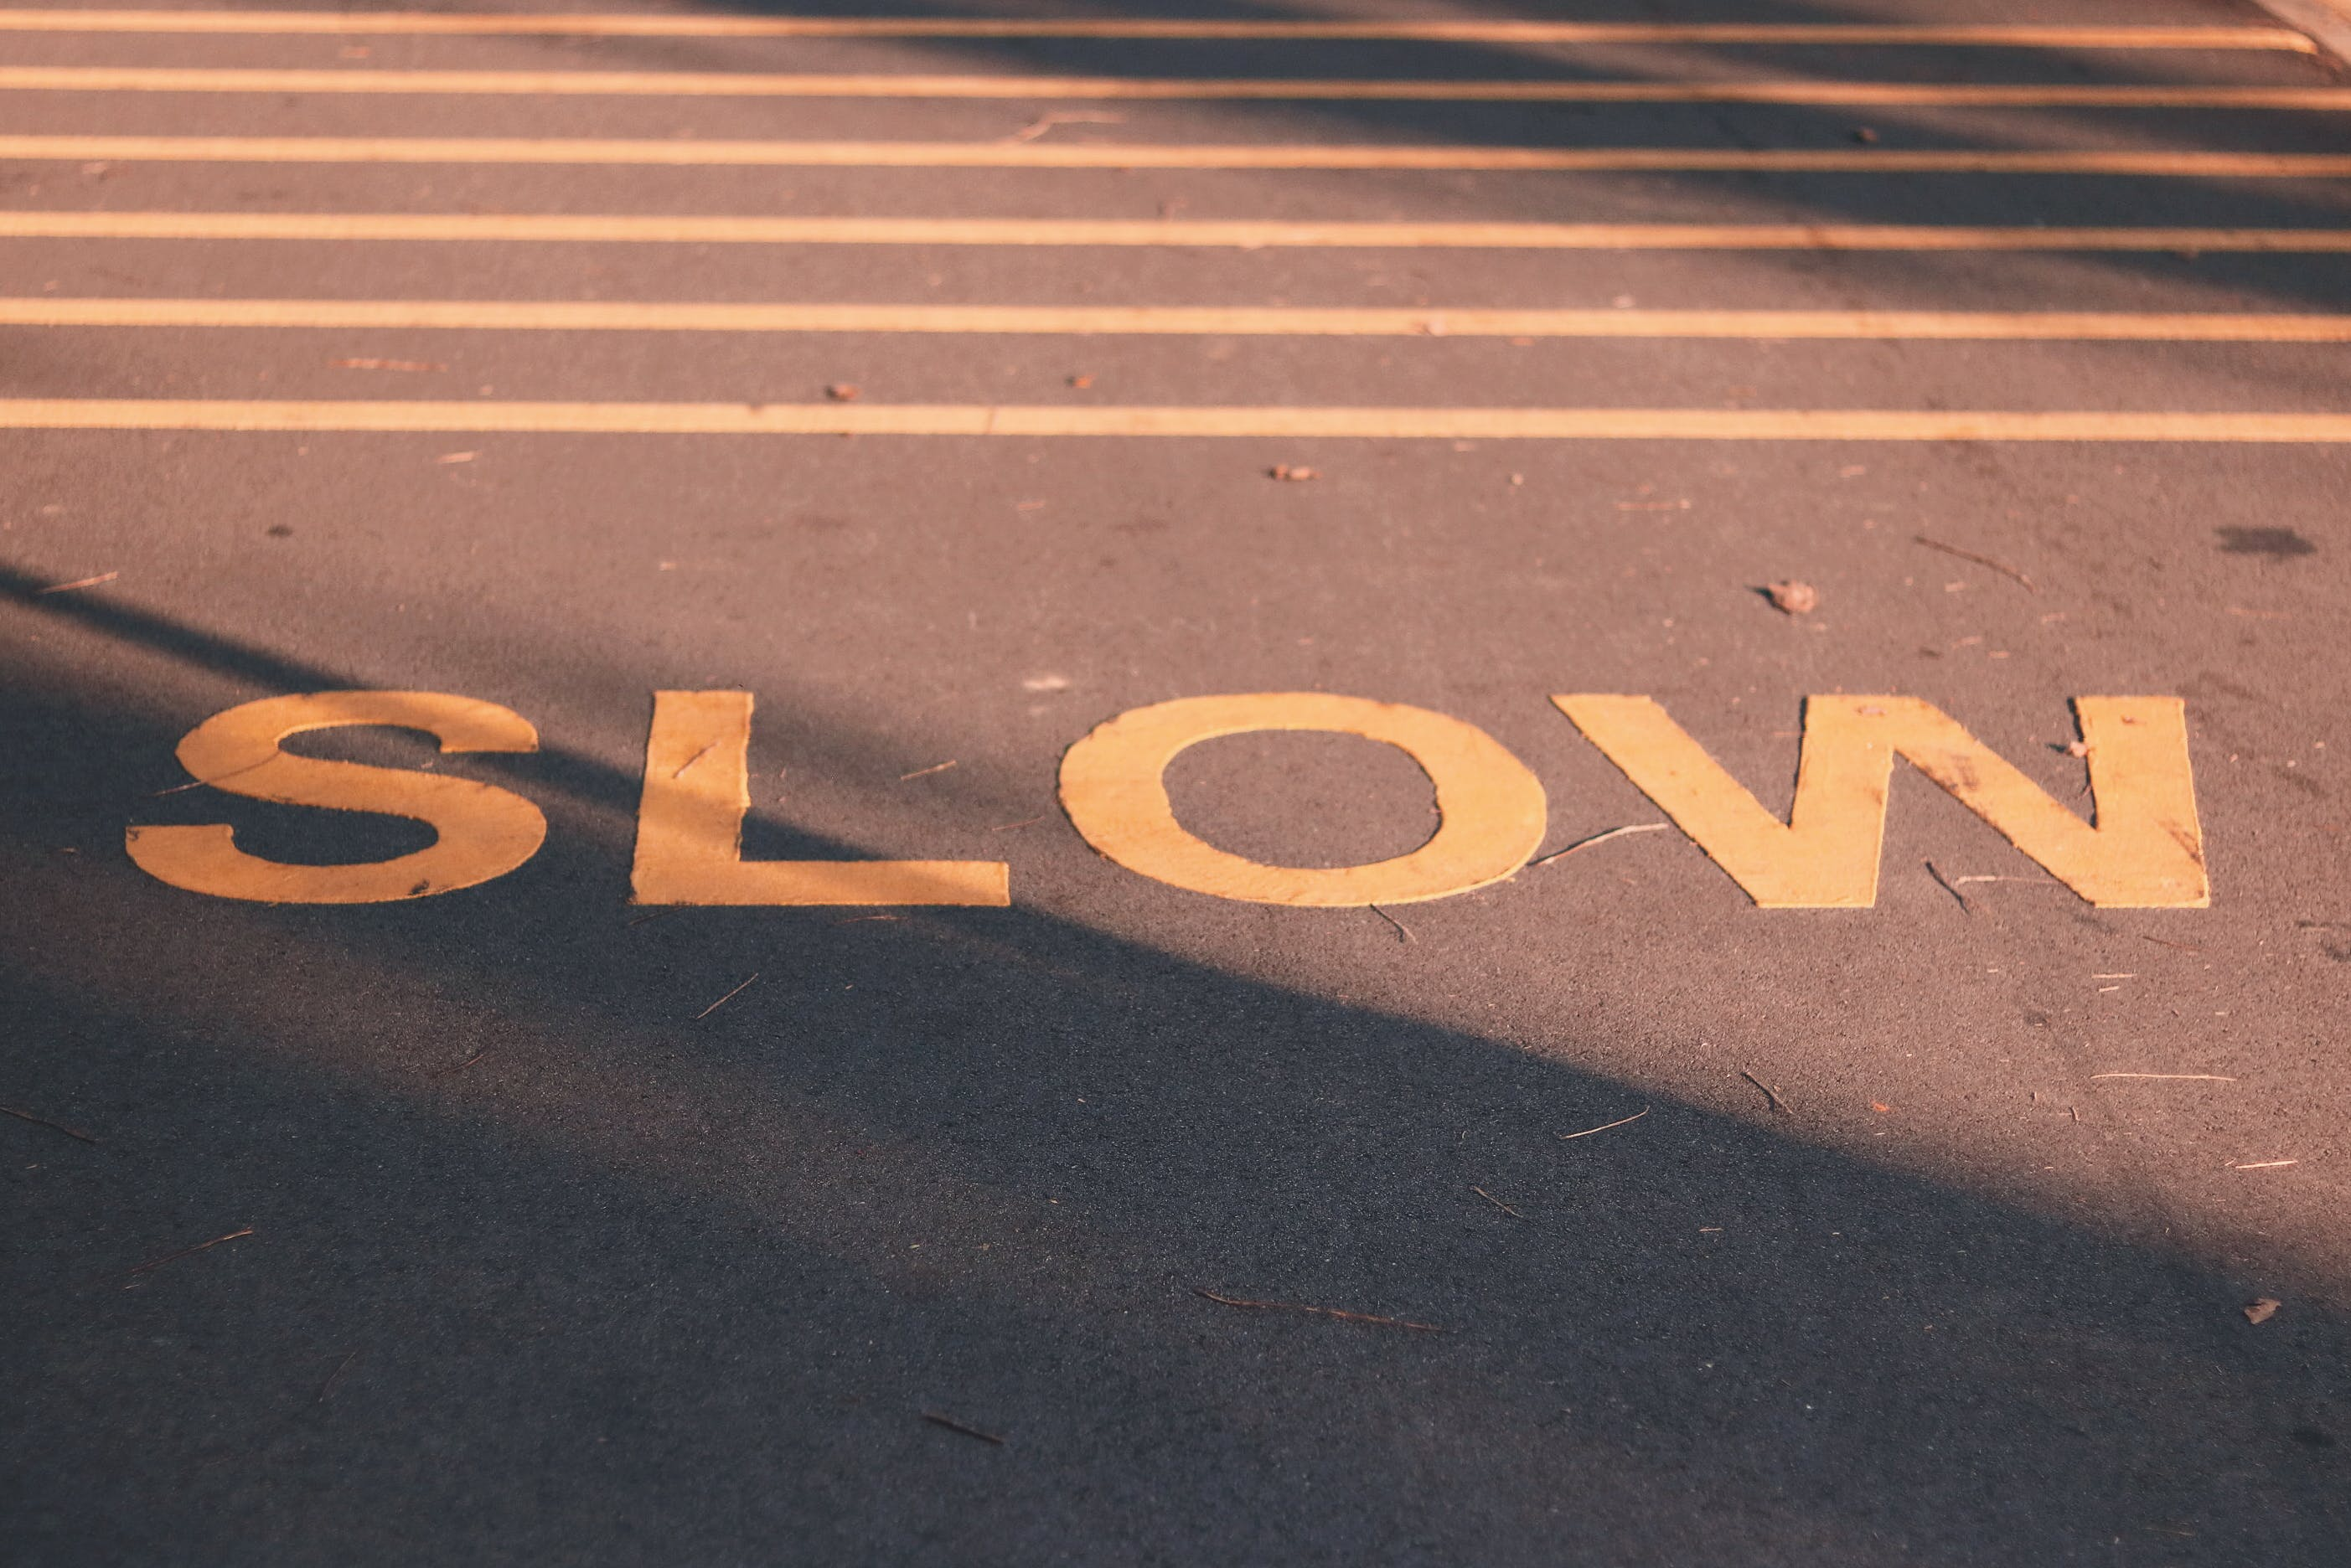 acostamento, alerta, asfalto